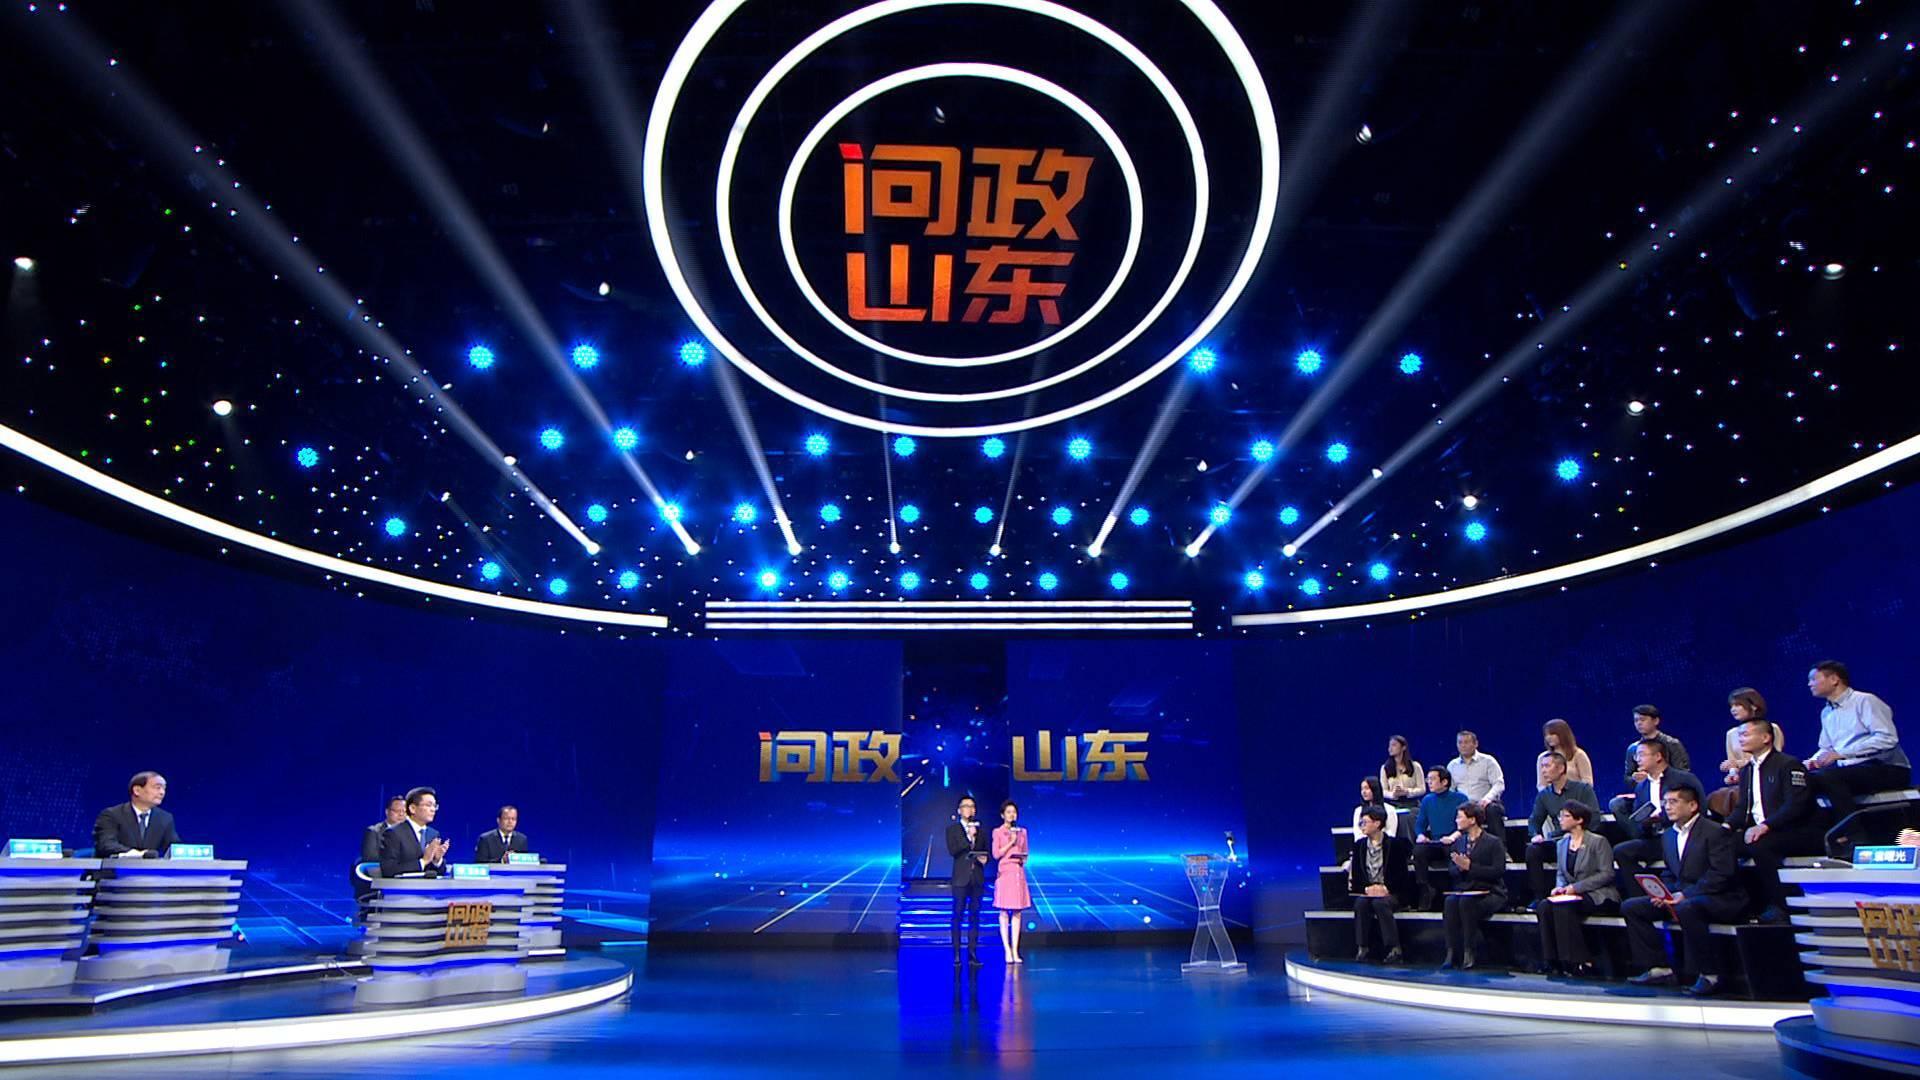 问政山东|潍坊市政府接受问政 市长田庆盈:为人民群众办实事永远在路上